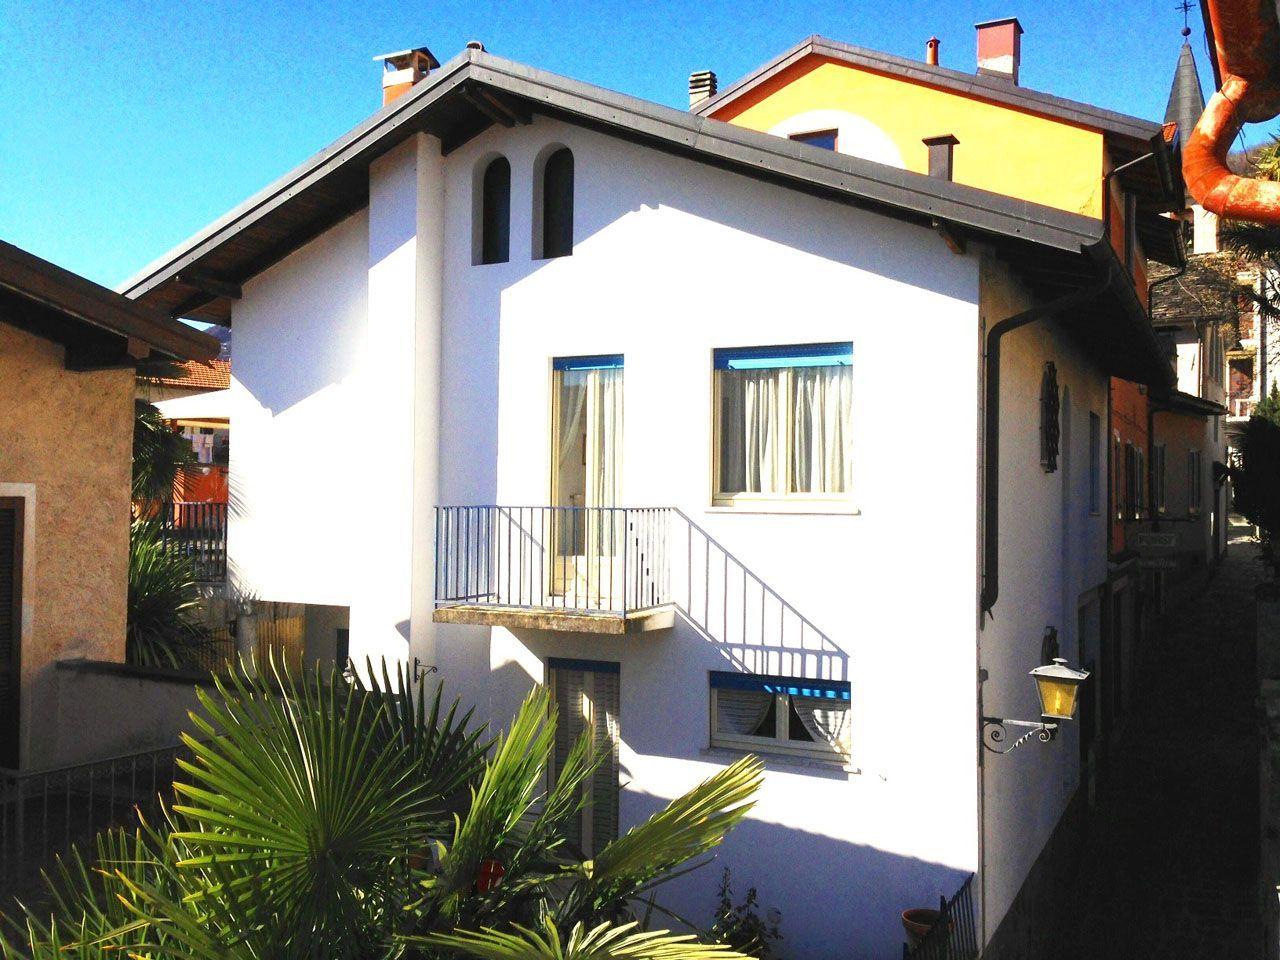 Einfamilienhaus In Cannero Riviera Mit Seeblick Garten Und Terrasse